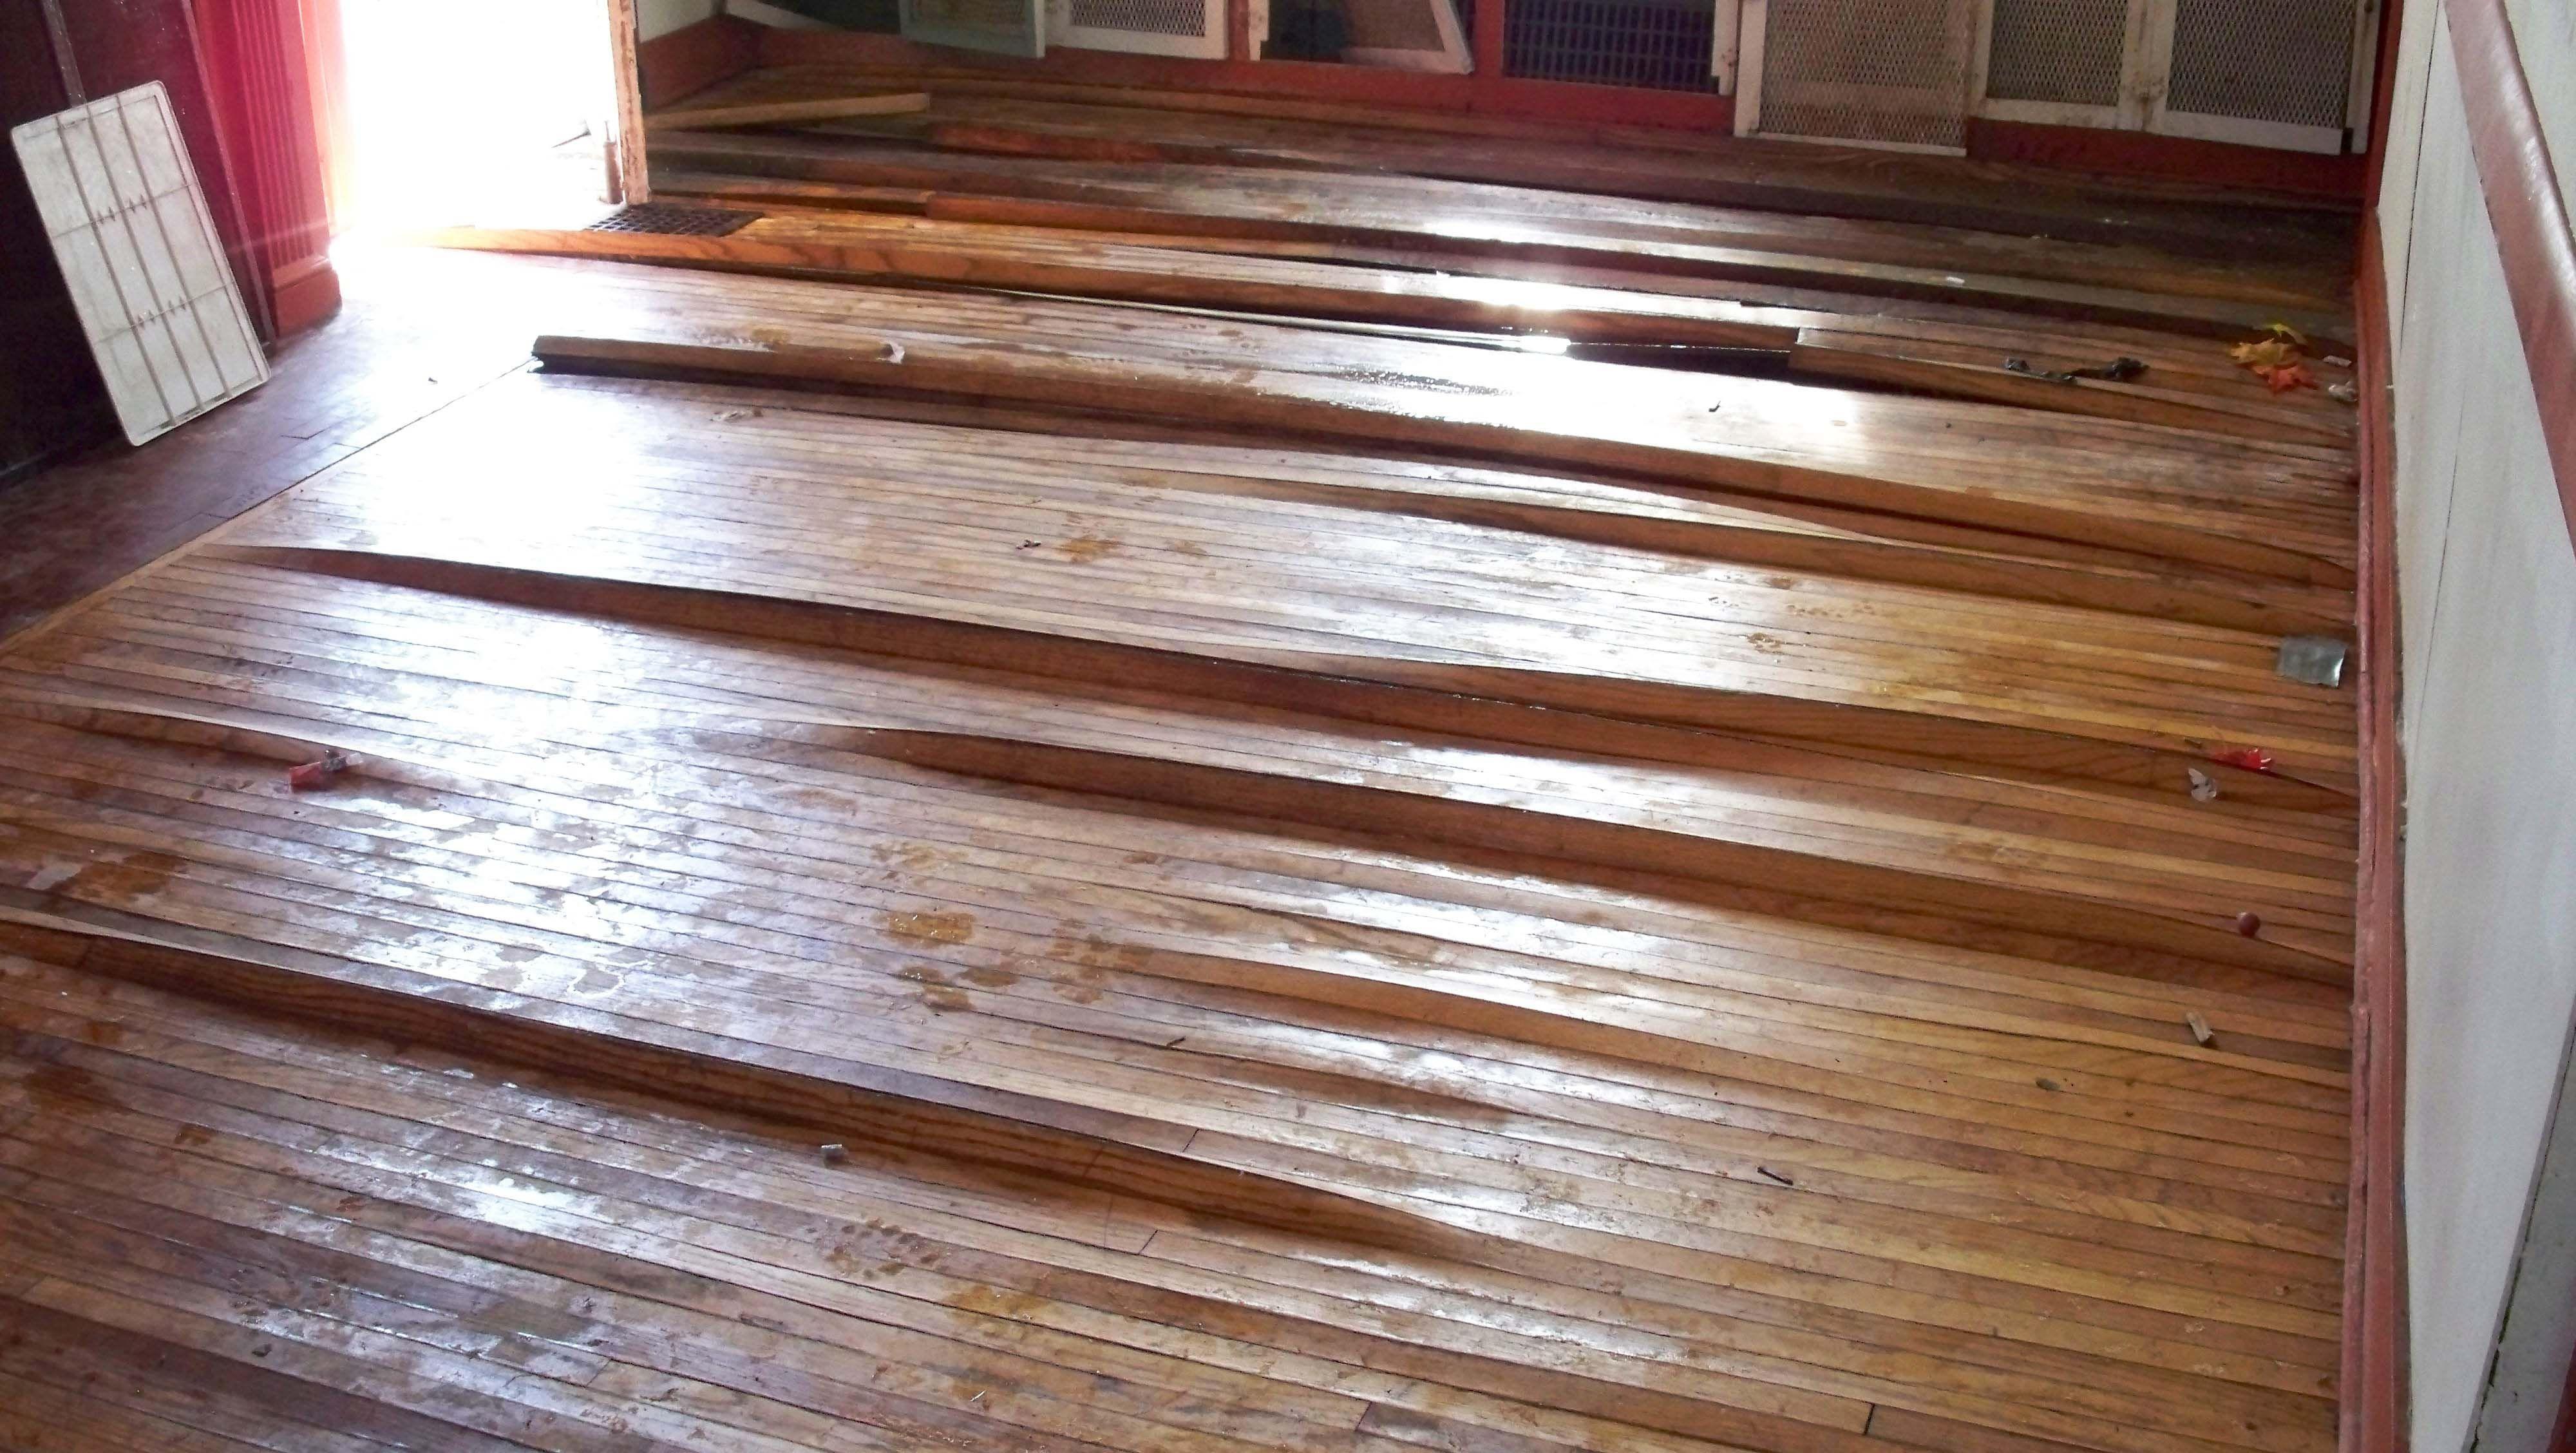 rona hardwood flooring reviews of wood floor contractors vinyl plank flooring rona floor plan ideas throughout wood floor contractors hardwood floor water damage warping hardwood floors